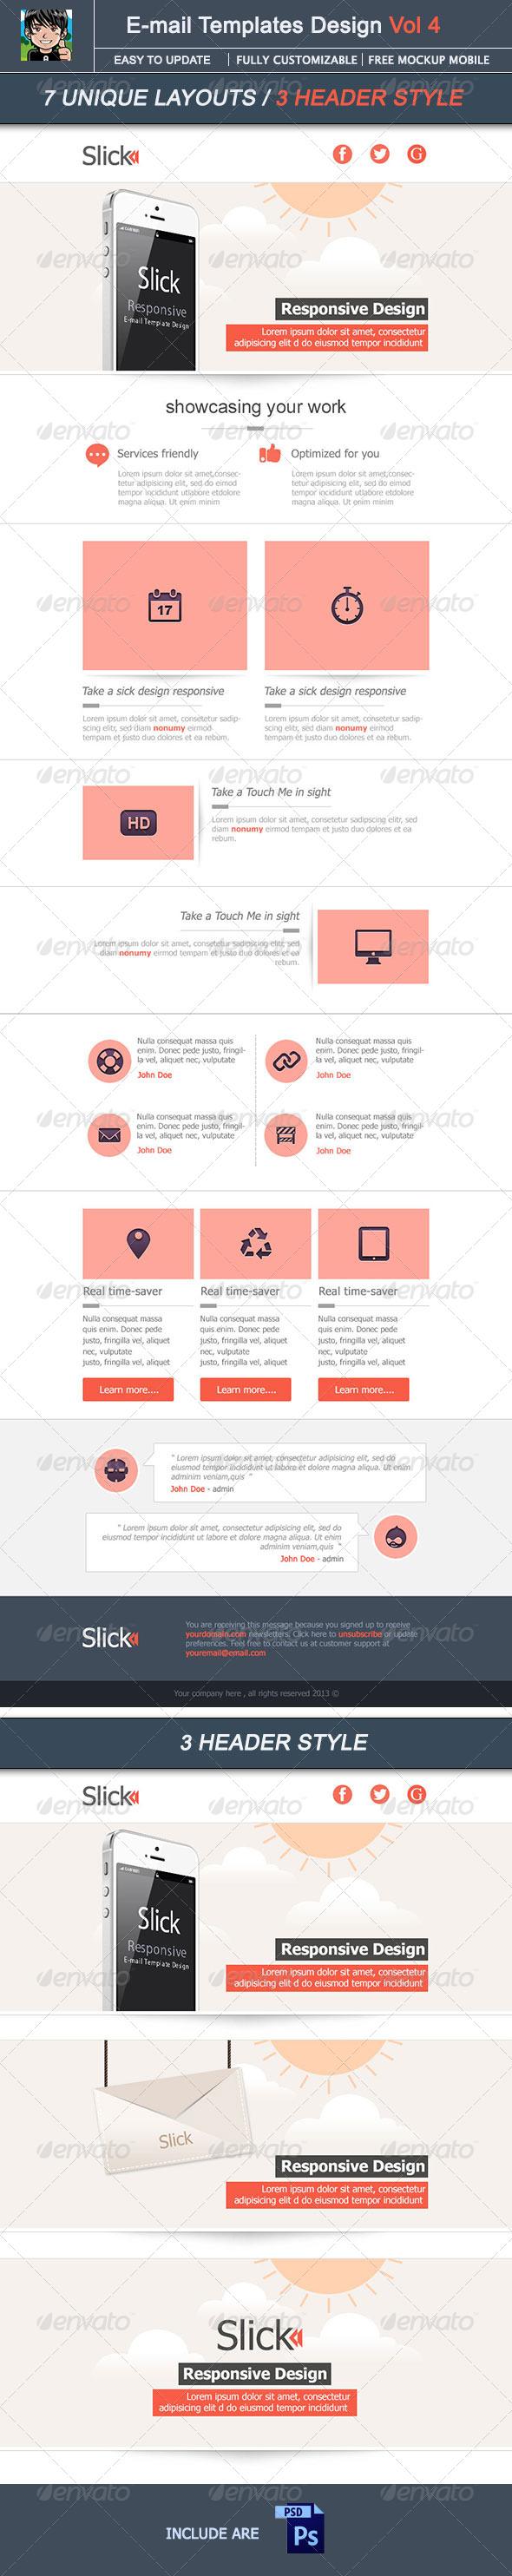 GraphicRiver Slick E-mail Template Design Vol 4 4726881